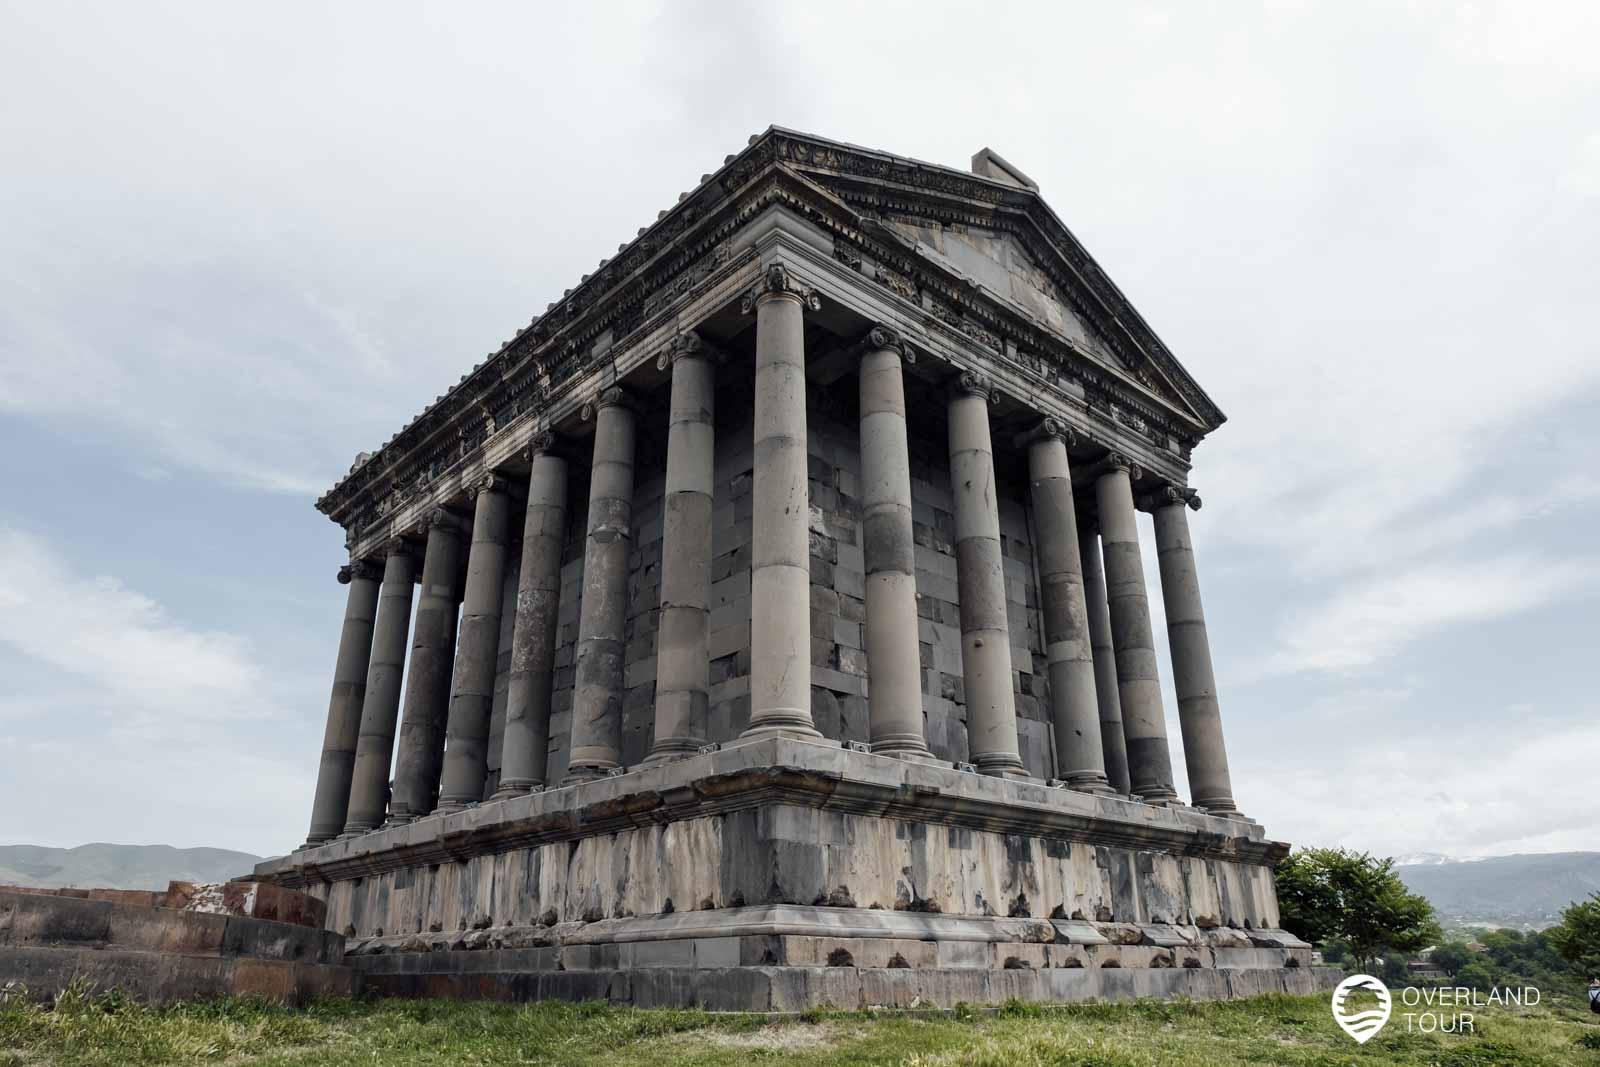 Der Garni Tempel war einst ein heidnischer Tempel, der dem armenischen Sonnengott Mihr gewidmet war